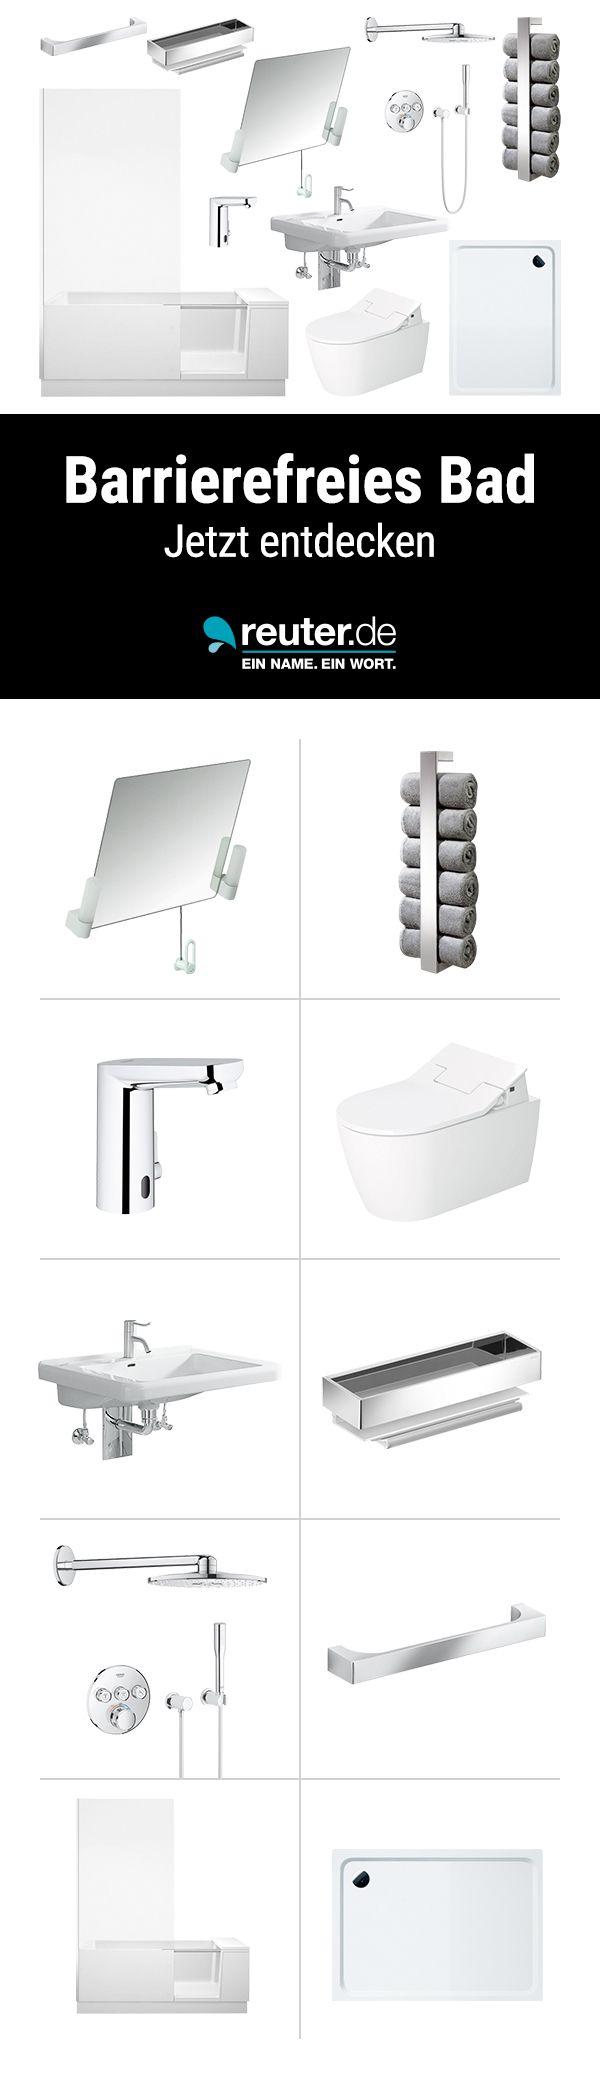 Barrierefreies Badezimmer Ob Seniorengerecht Rollstuhlgerecht Oder Behindertengerecht Mit Dieser Badaussta Ebenerdige Dusche Barrierefrei Bad Wc Mit Dusche